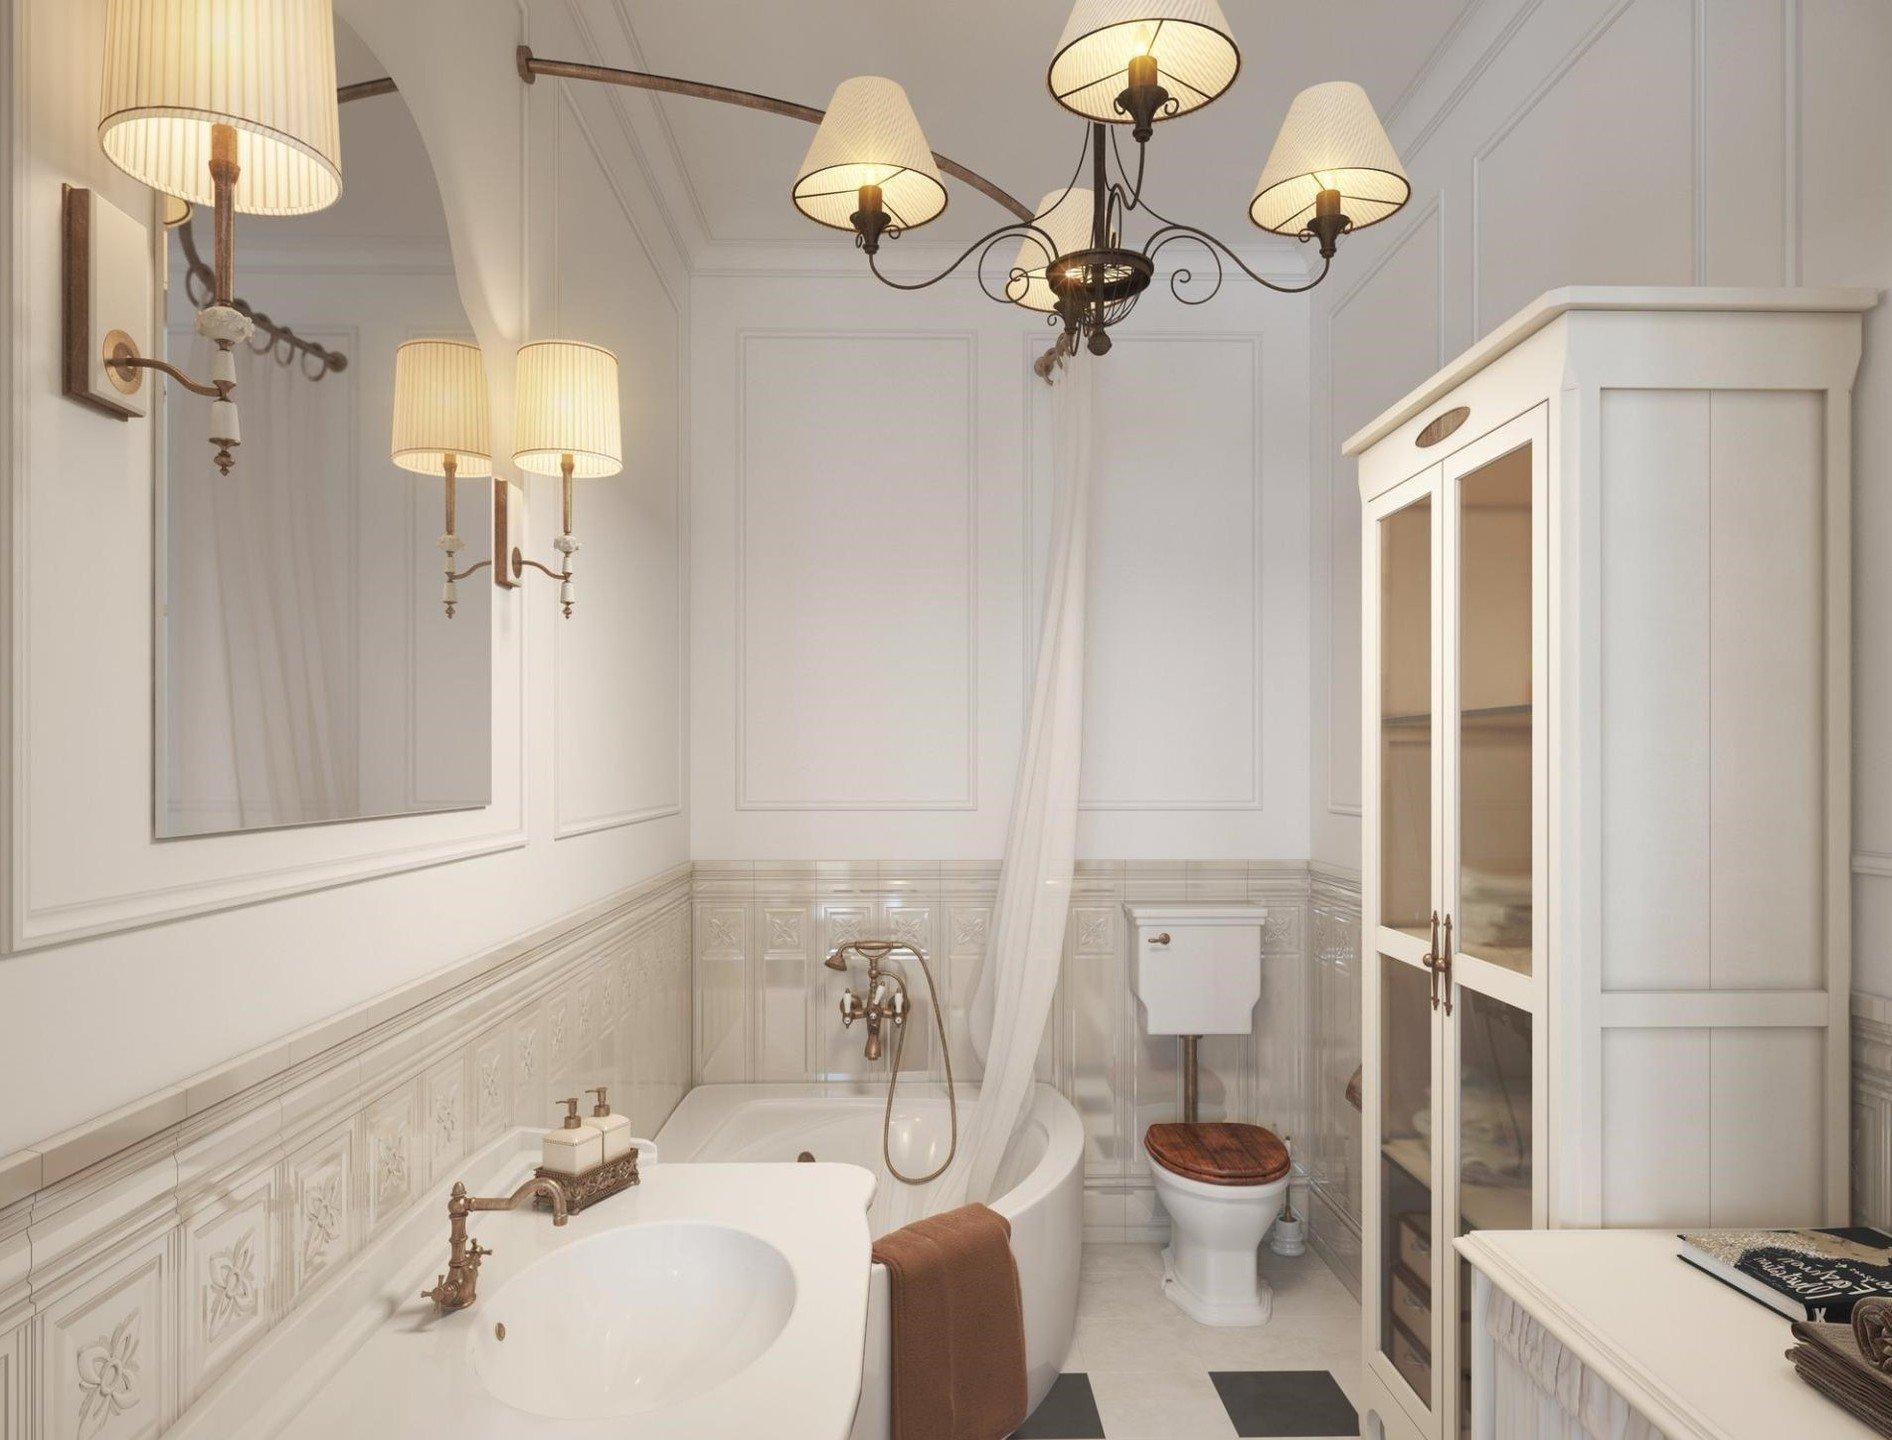 Ванная в стиле прованс: идеи оформления интерьера   ремонт и дизайн ванной комнаты